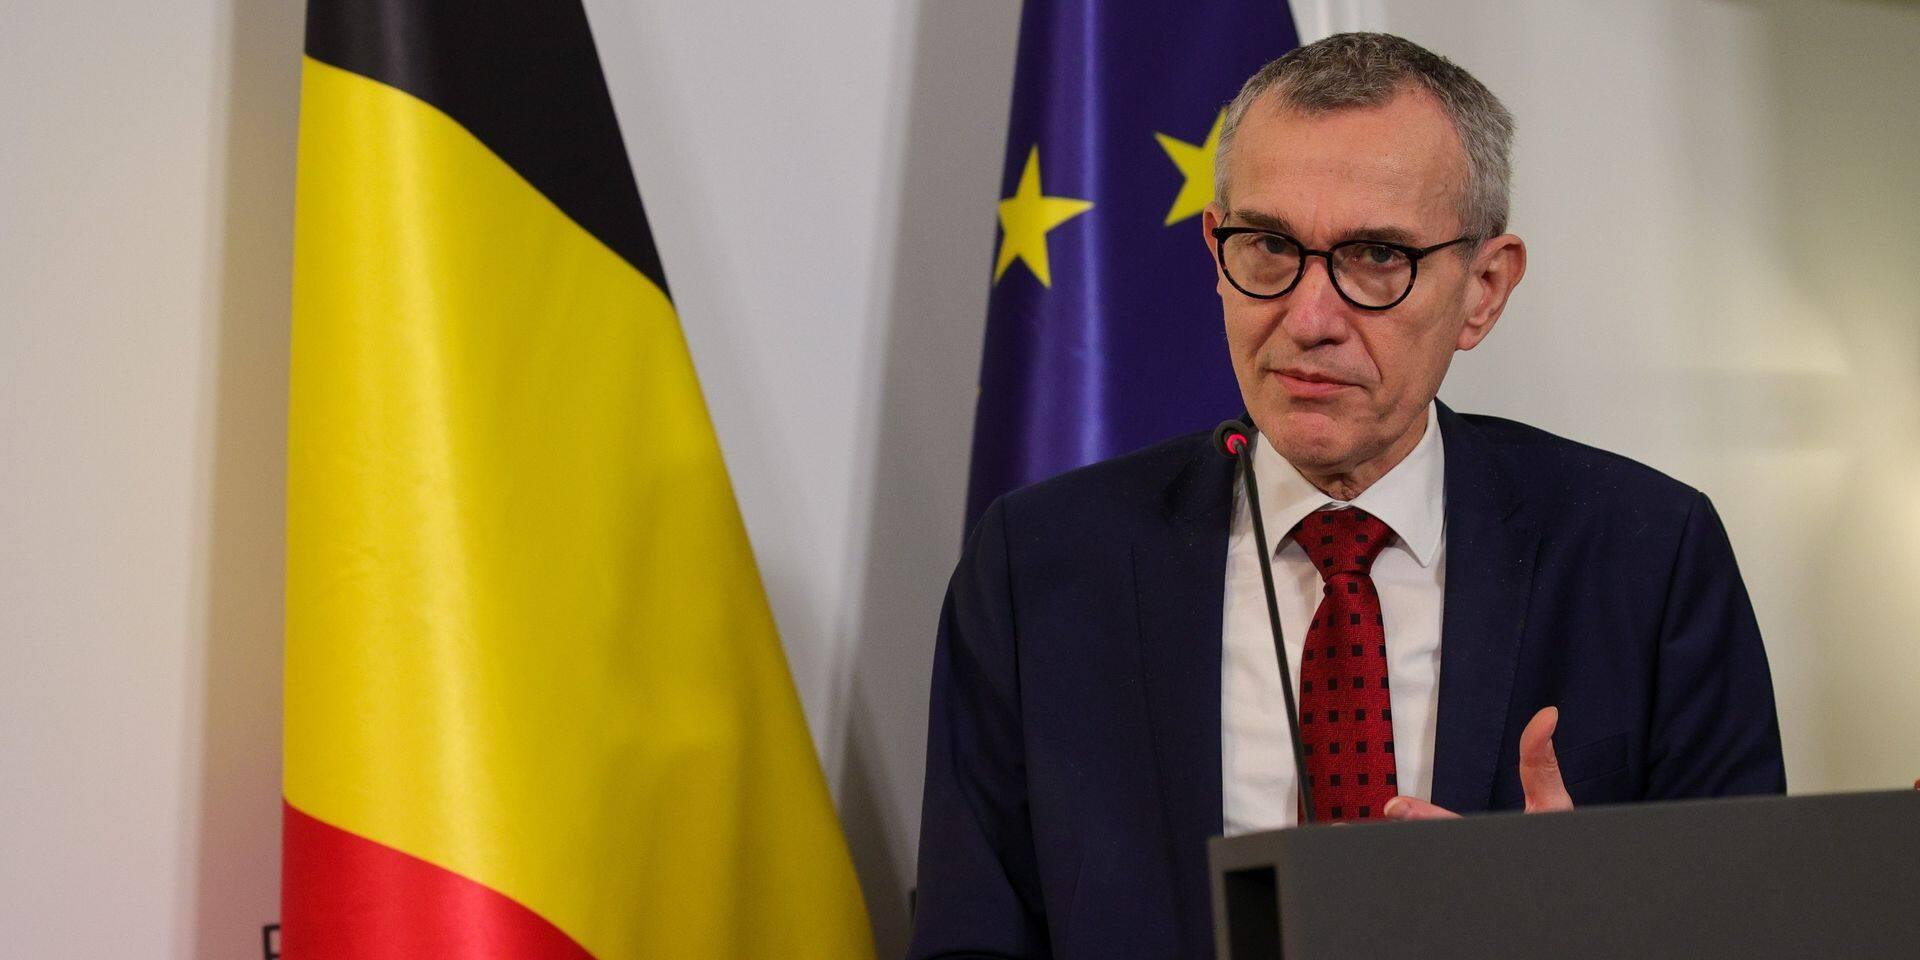 Quand le ministre Vandenbroucke charge la Wallonie et Bruxelles sur la vaccination